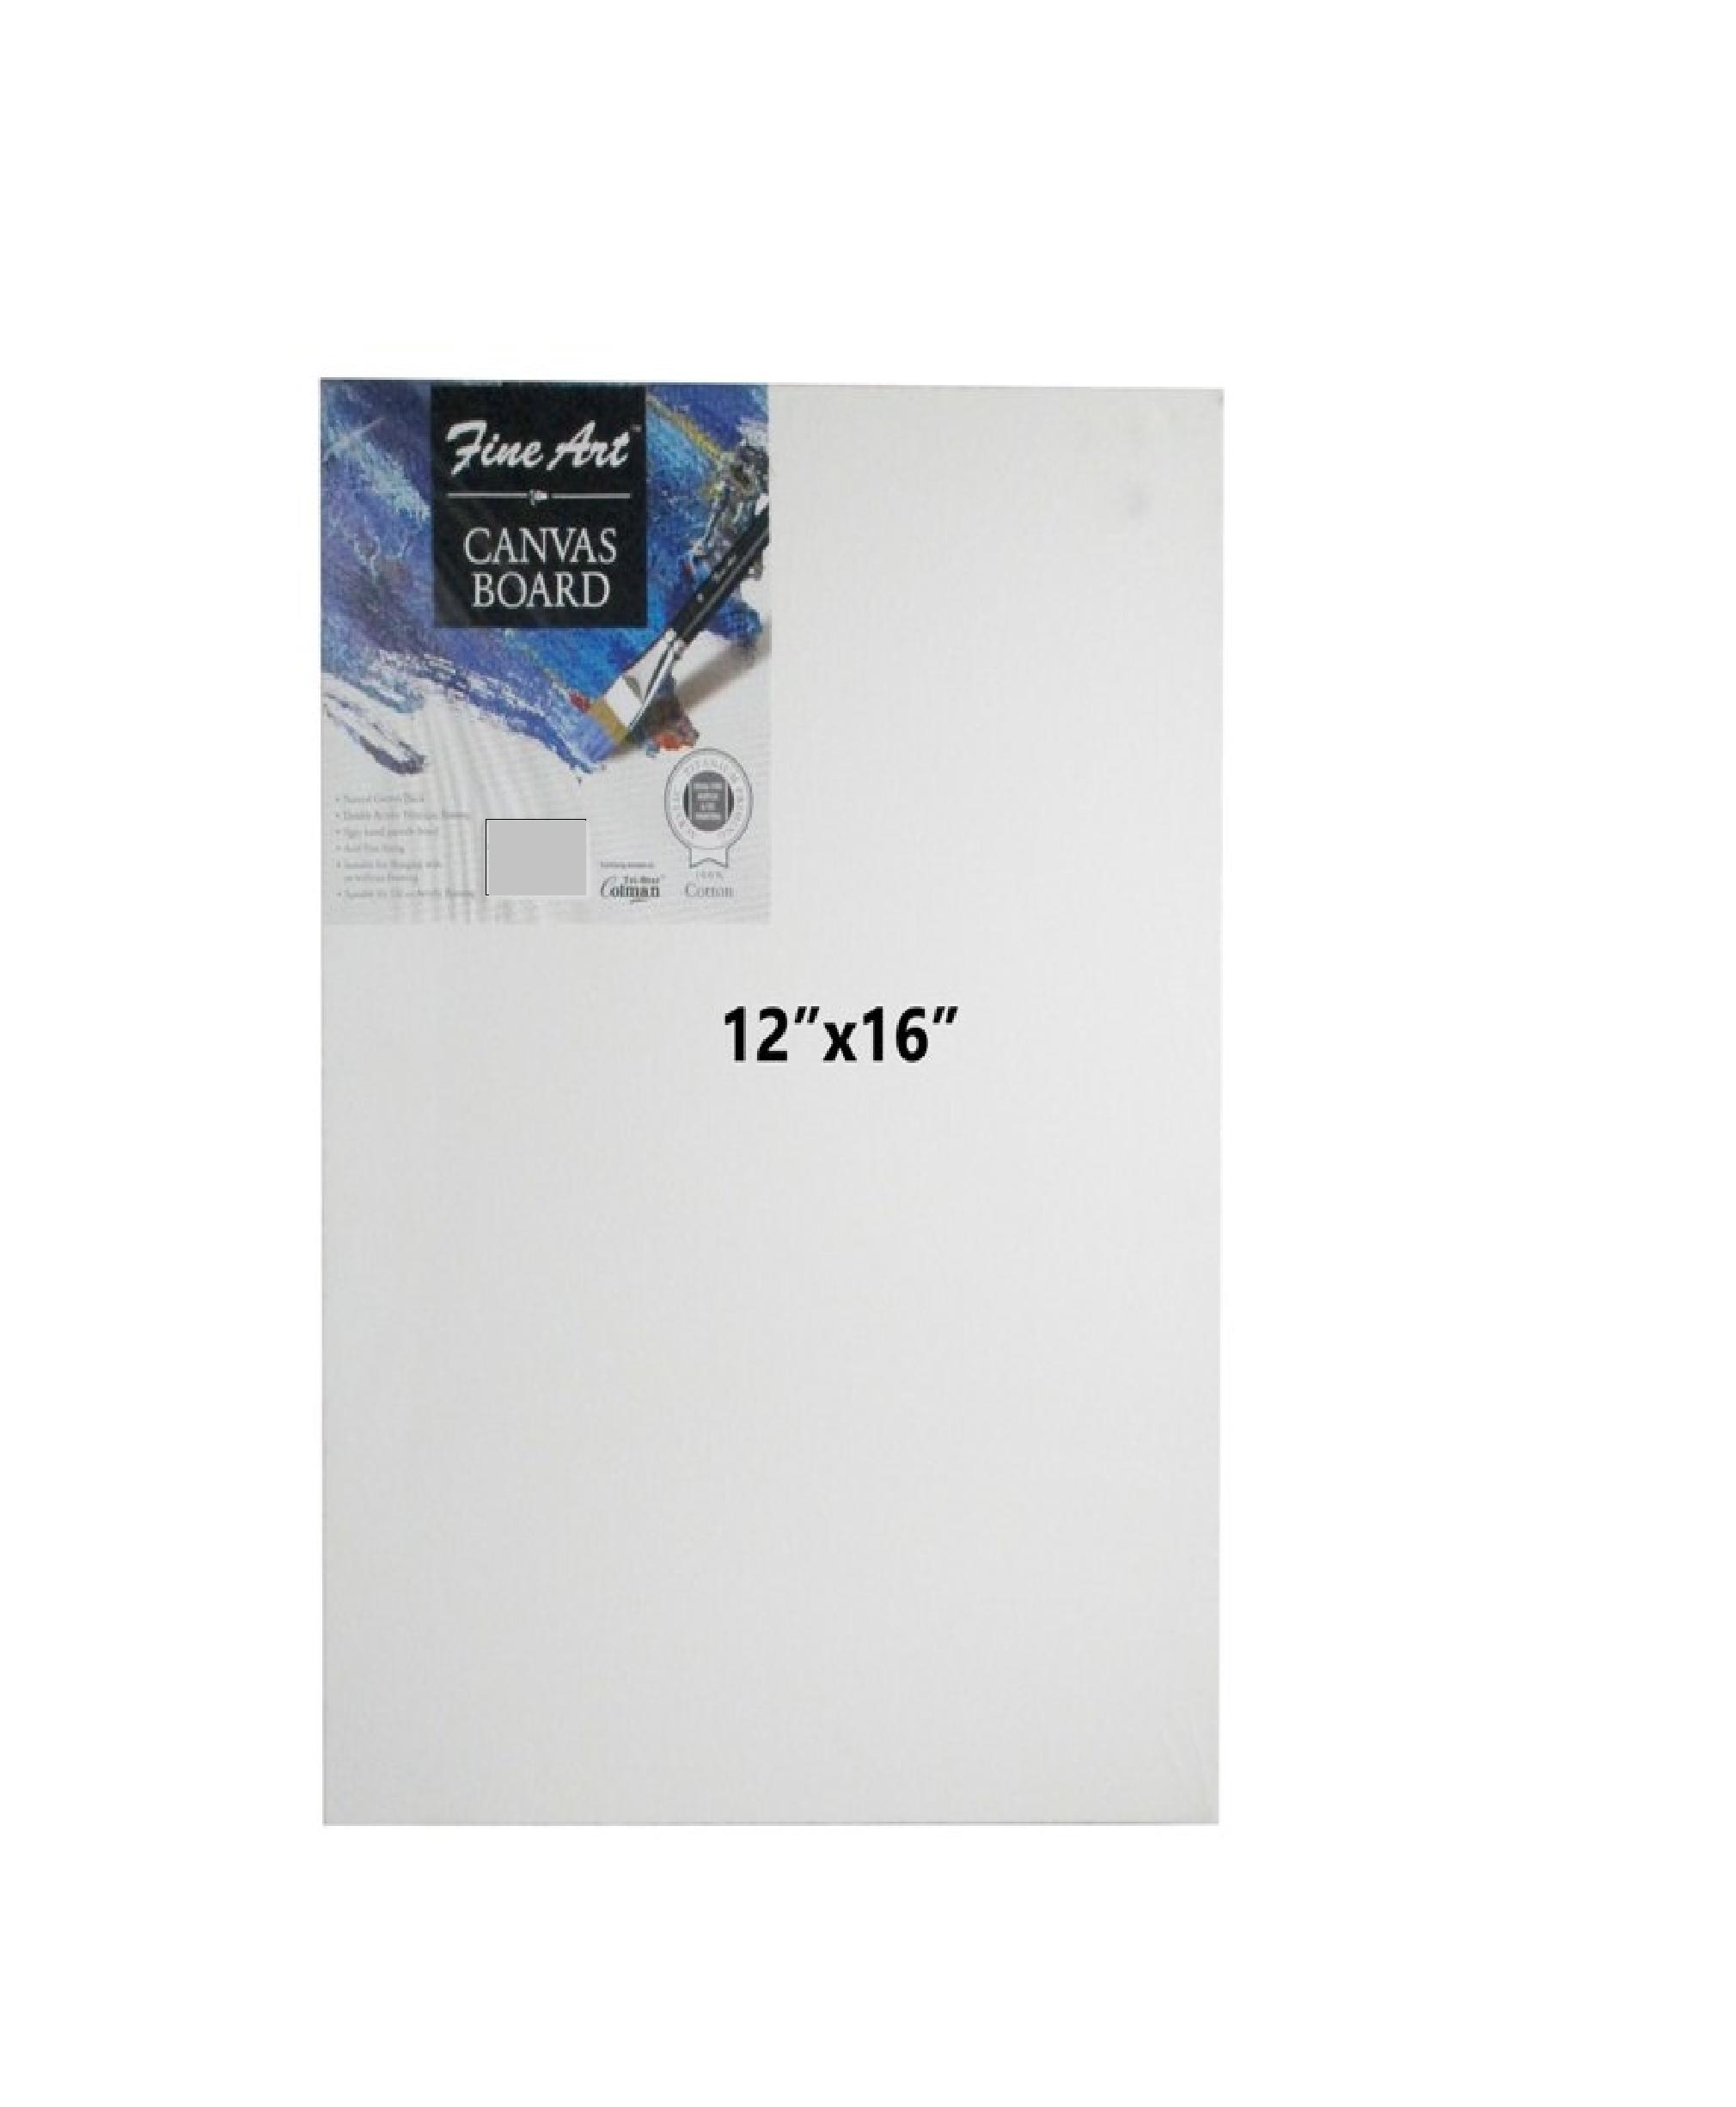 Fine Art Canvas Board 12 X 16 Inches